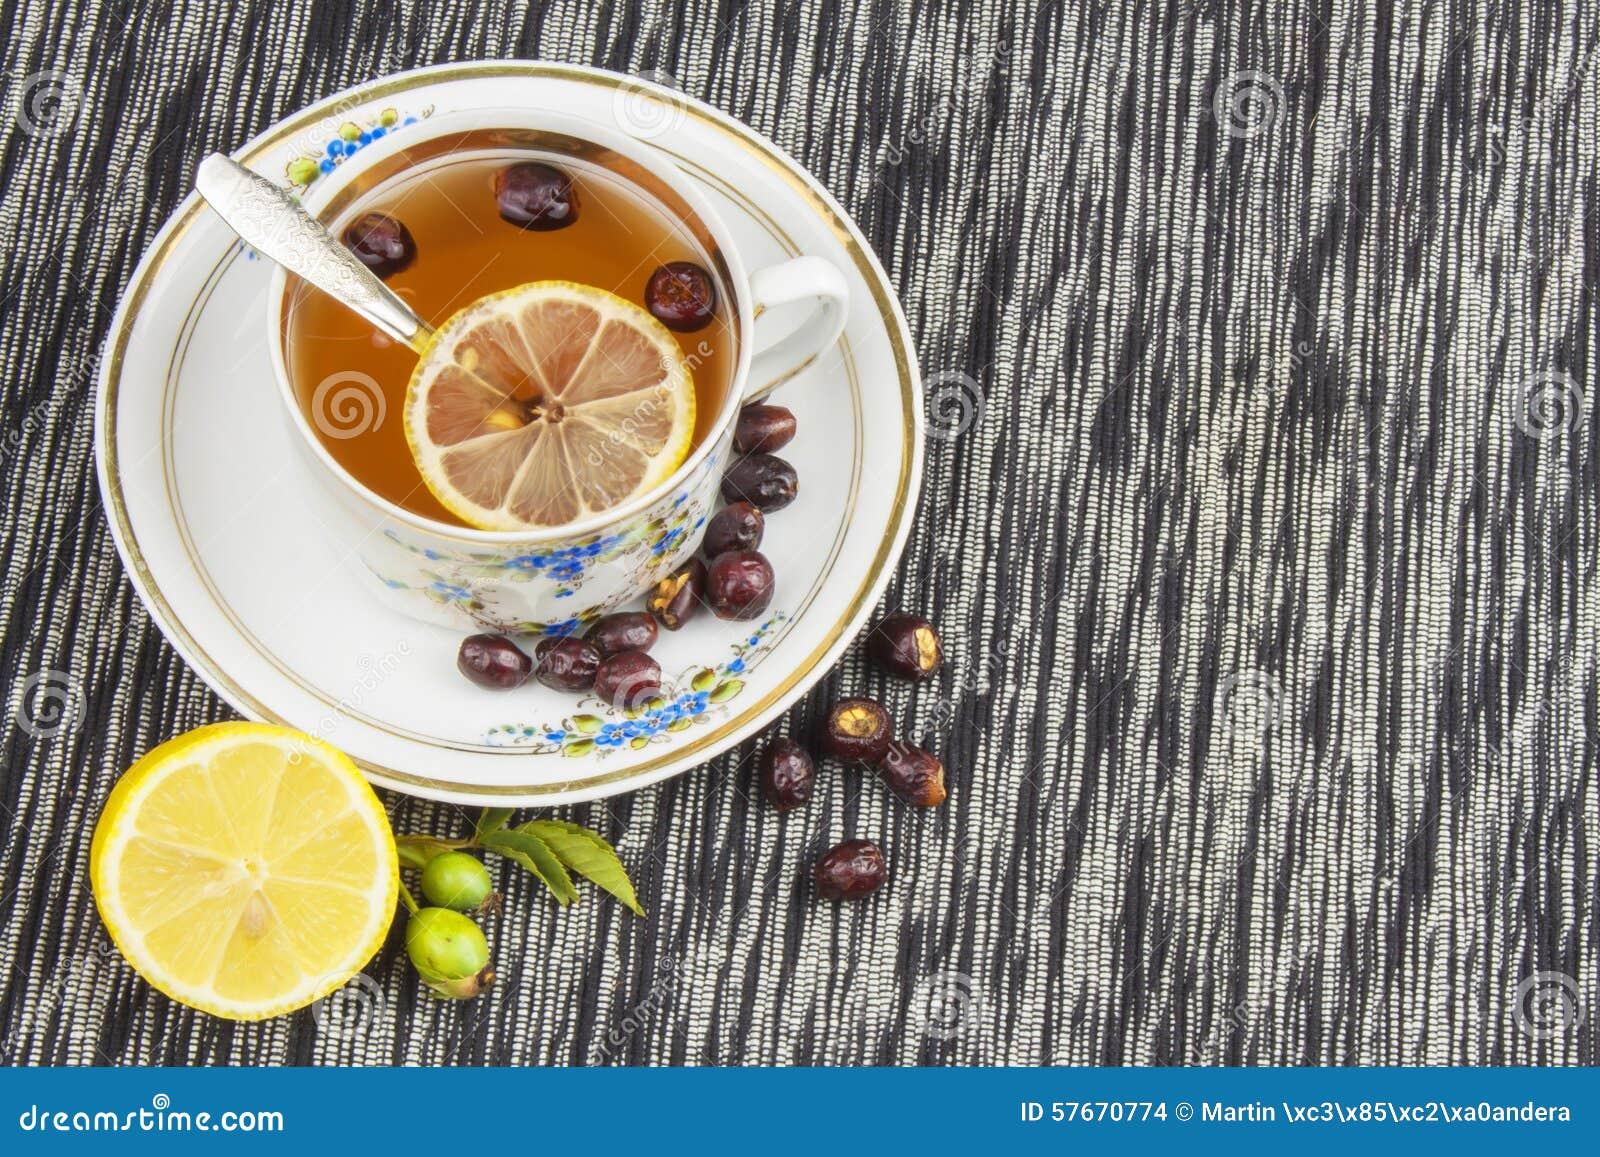 Горячий чай с лимоном и красная стрелка в таблице Домашняя обработка для холодов и гриппа